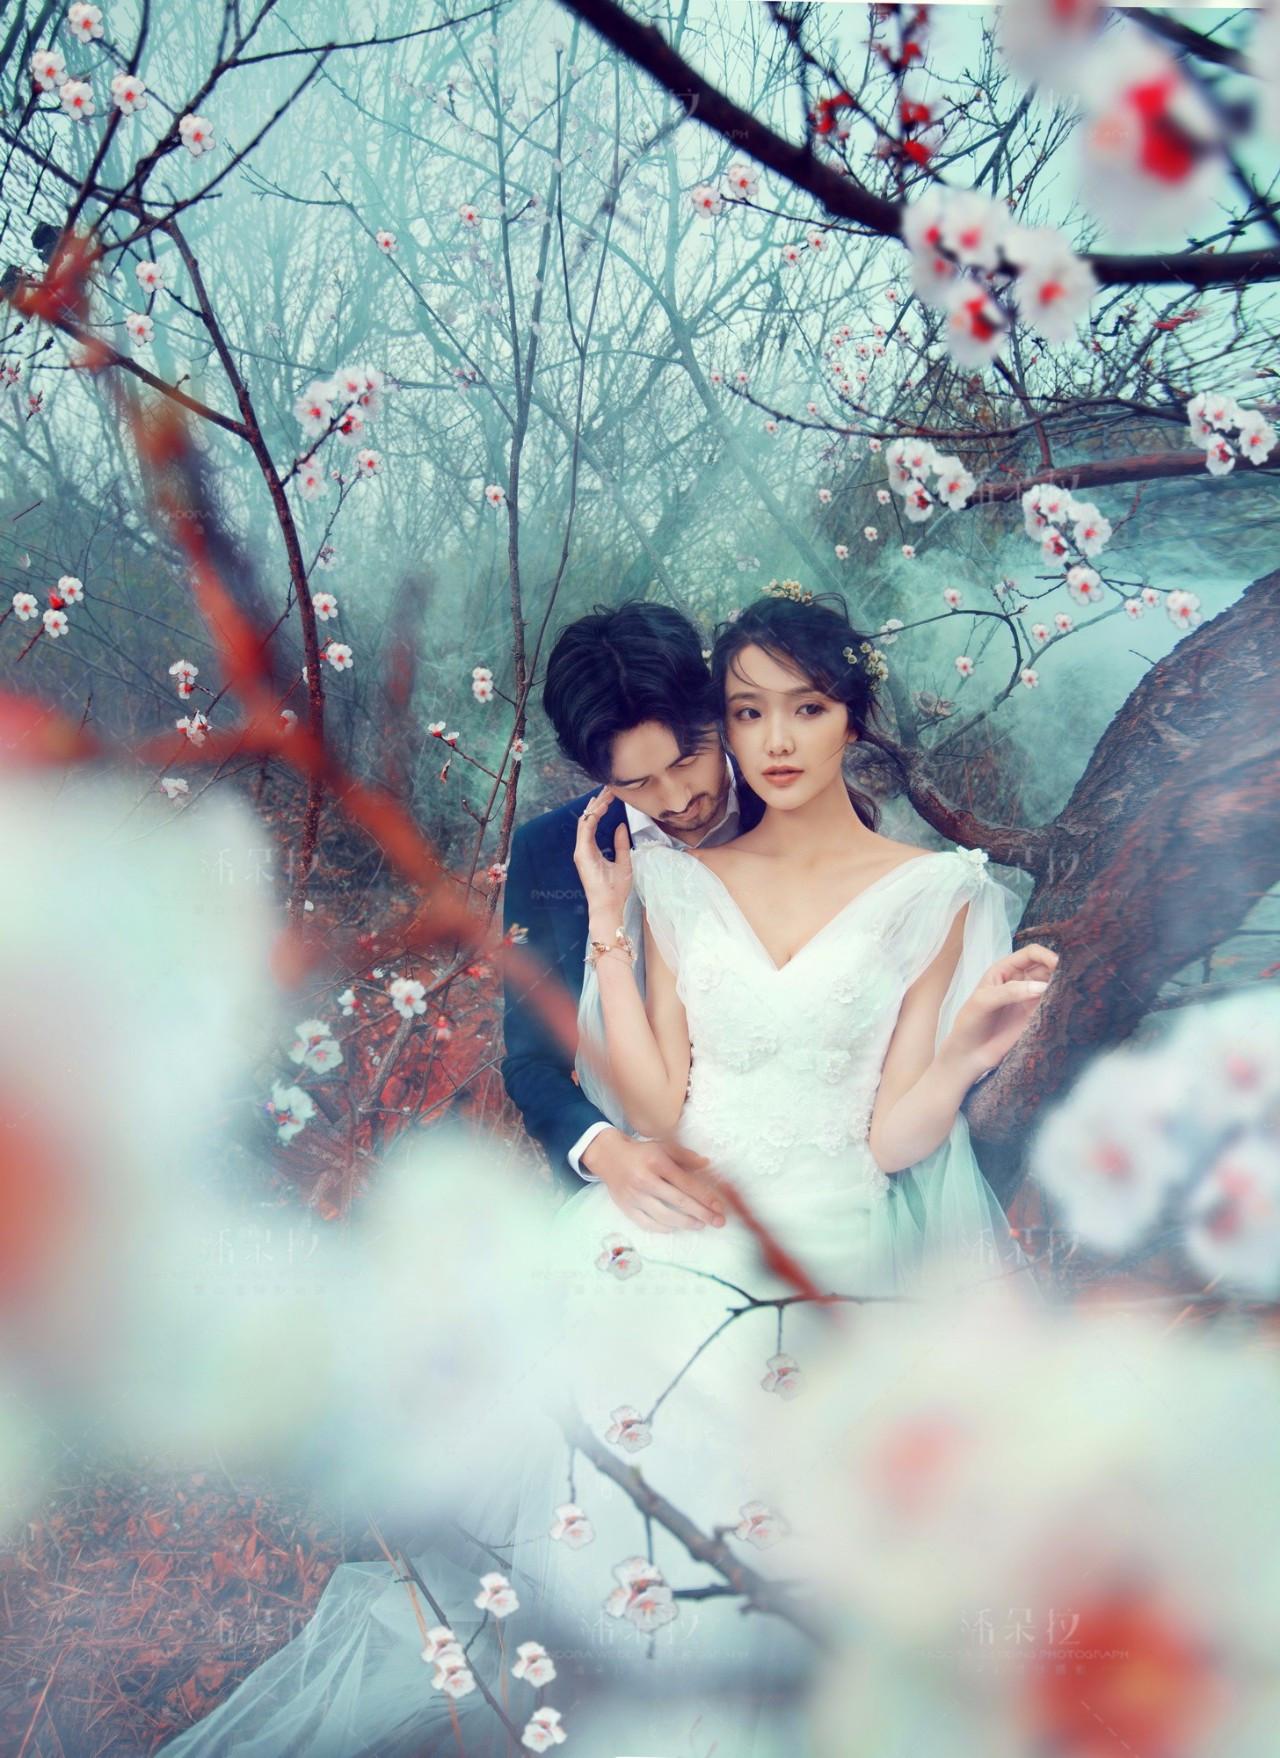 北京婚纱摄影:婚礼音乐tips,拿走拿走别客气!